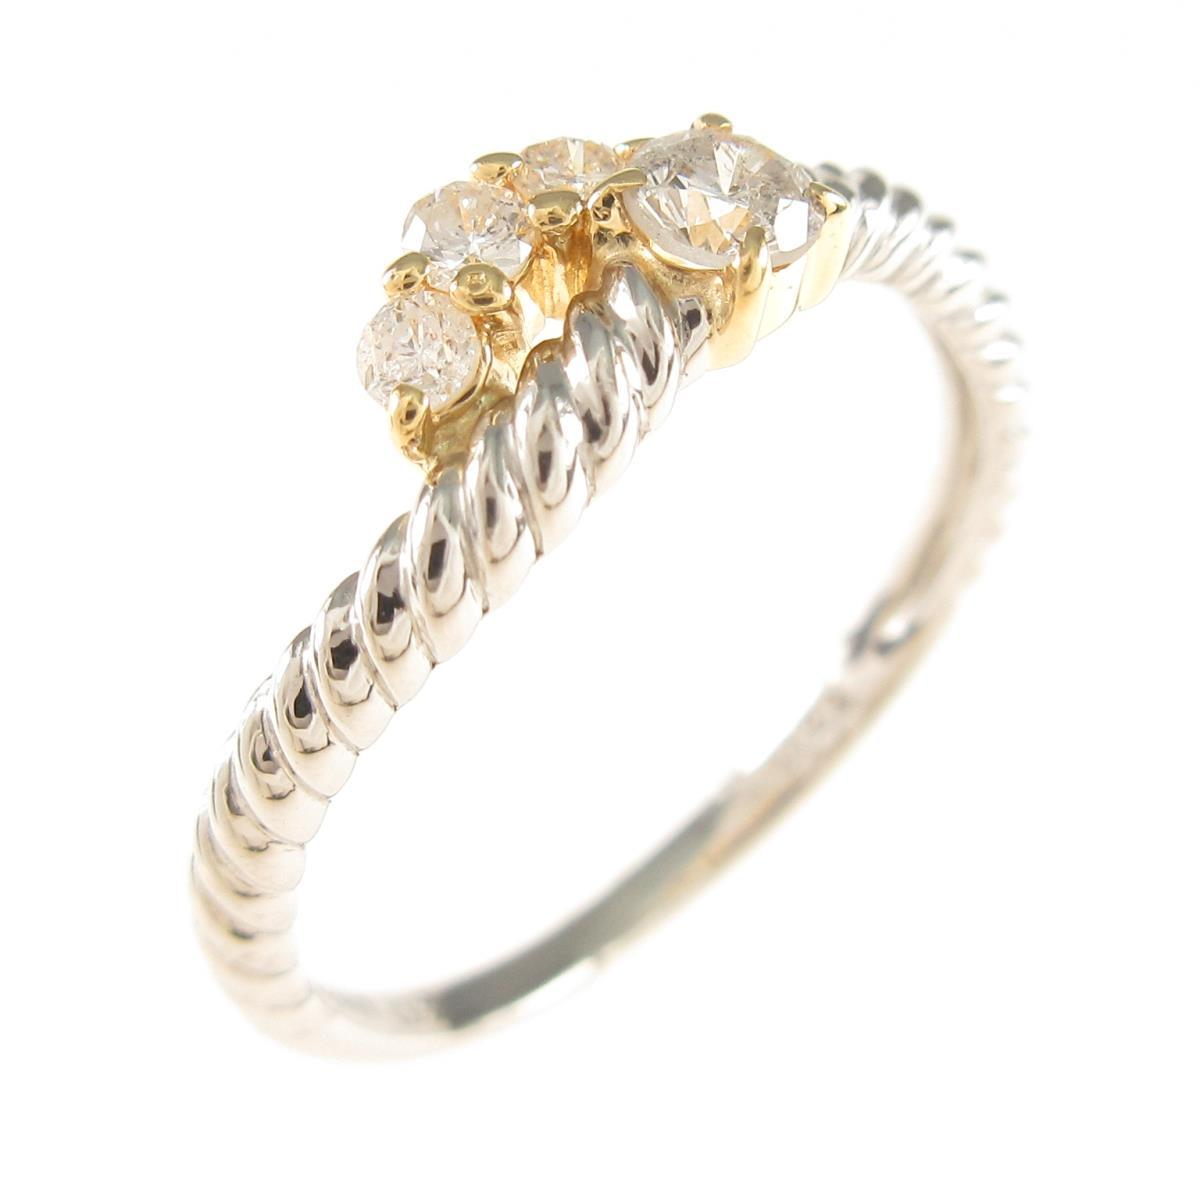 激安 激安特価 送料無料 PT 当店は最高な サービスを提供します K18YG 中古 ダイヤモンドリング